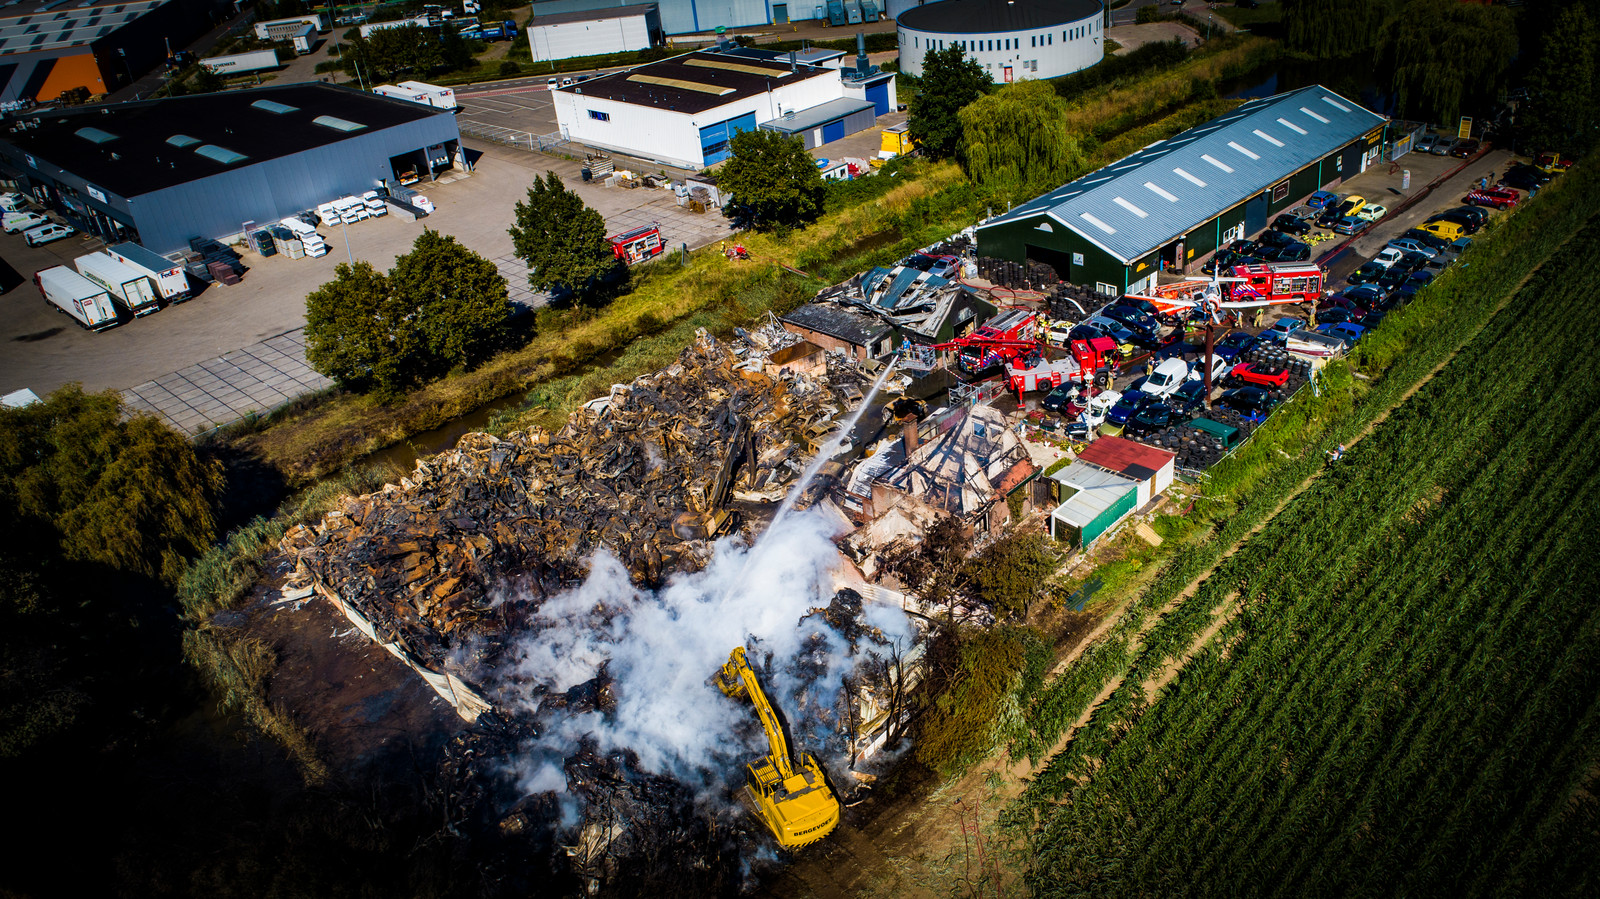 Vrijdagochtend ontstond een grote brand bij een autosloopbedrijf aan de Maststraat in Duiven. De schade is goed te zien vanuit de lucht.